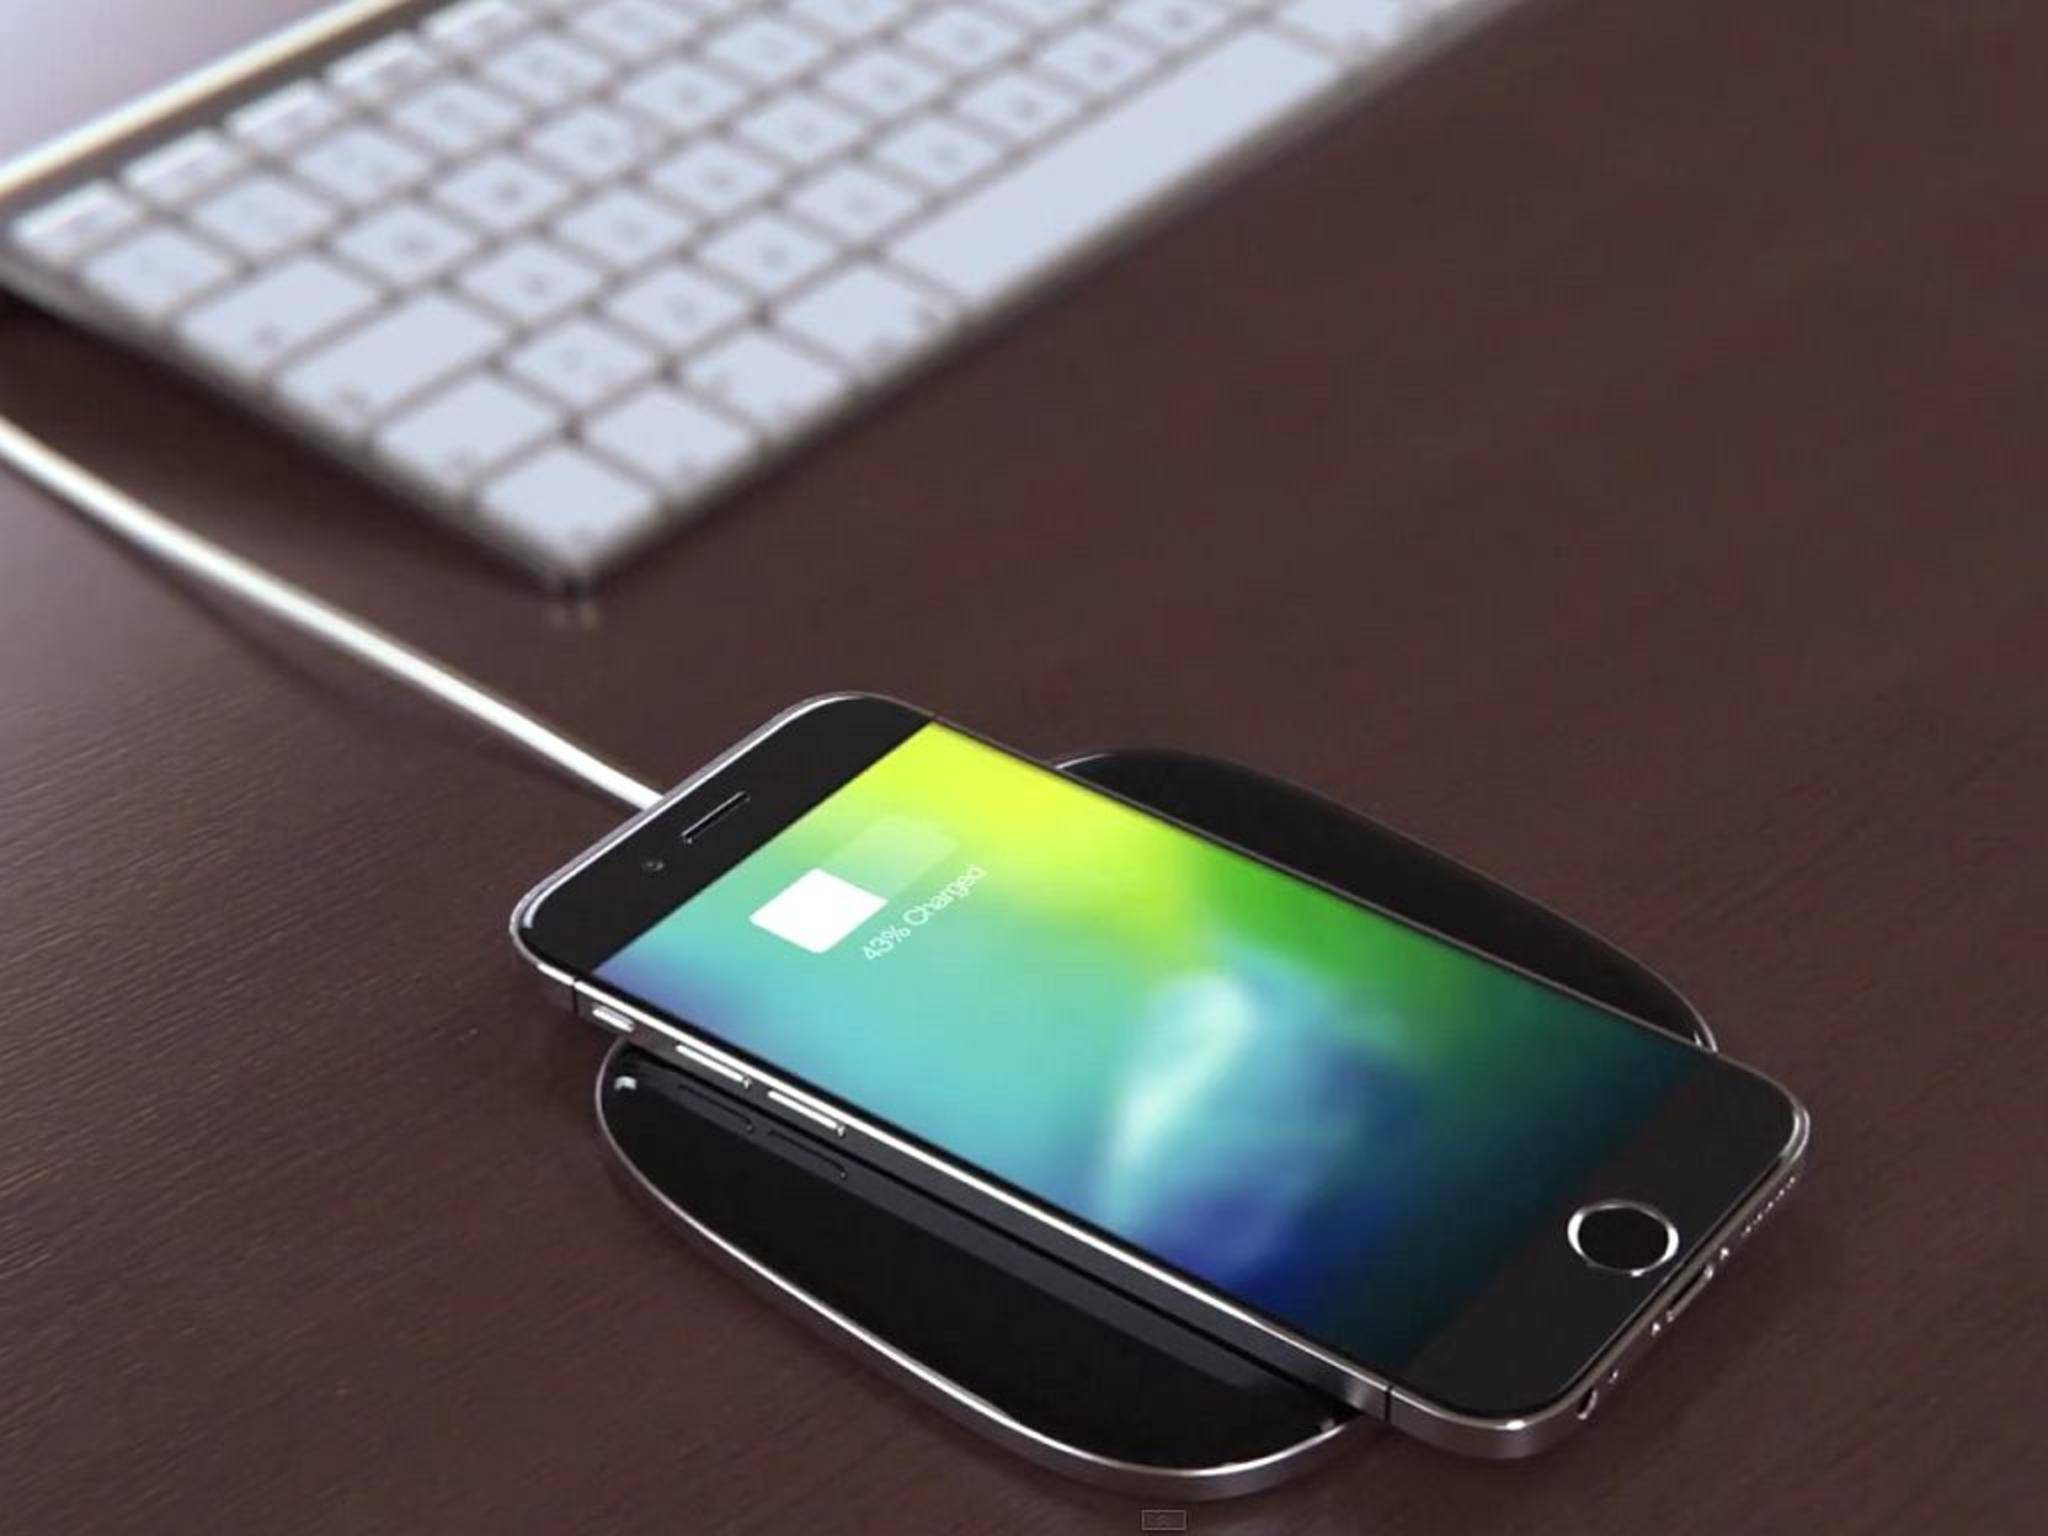 Offenbar soll bereits das iPhone 7s mit einem OLED-Display ausgestattet werden.